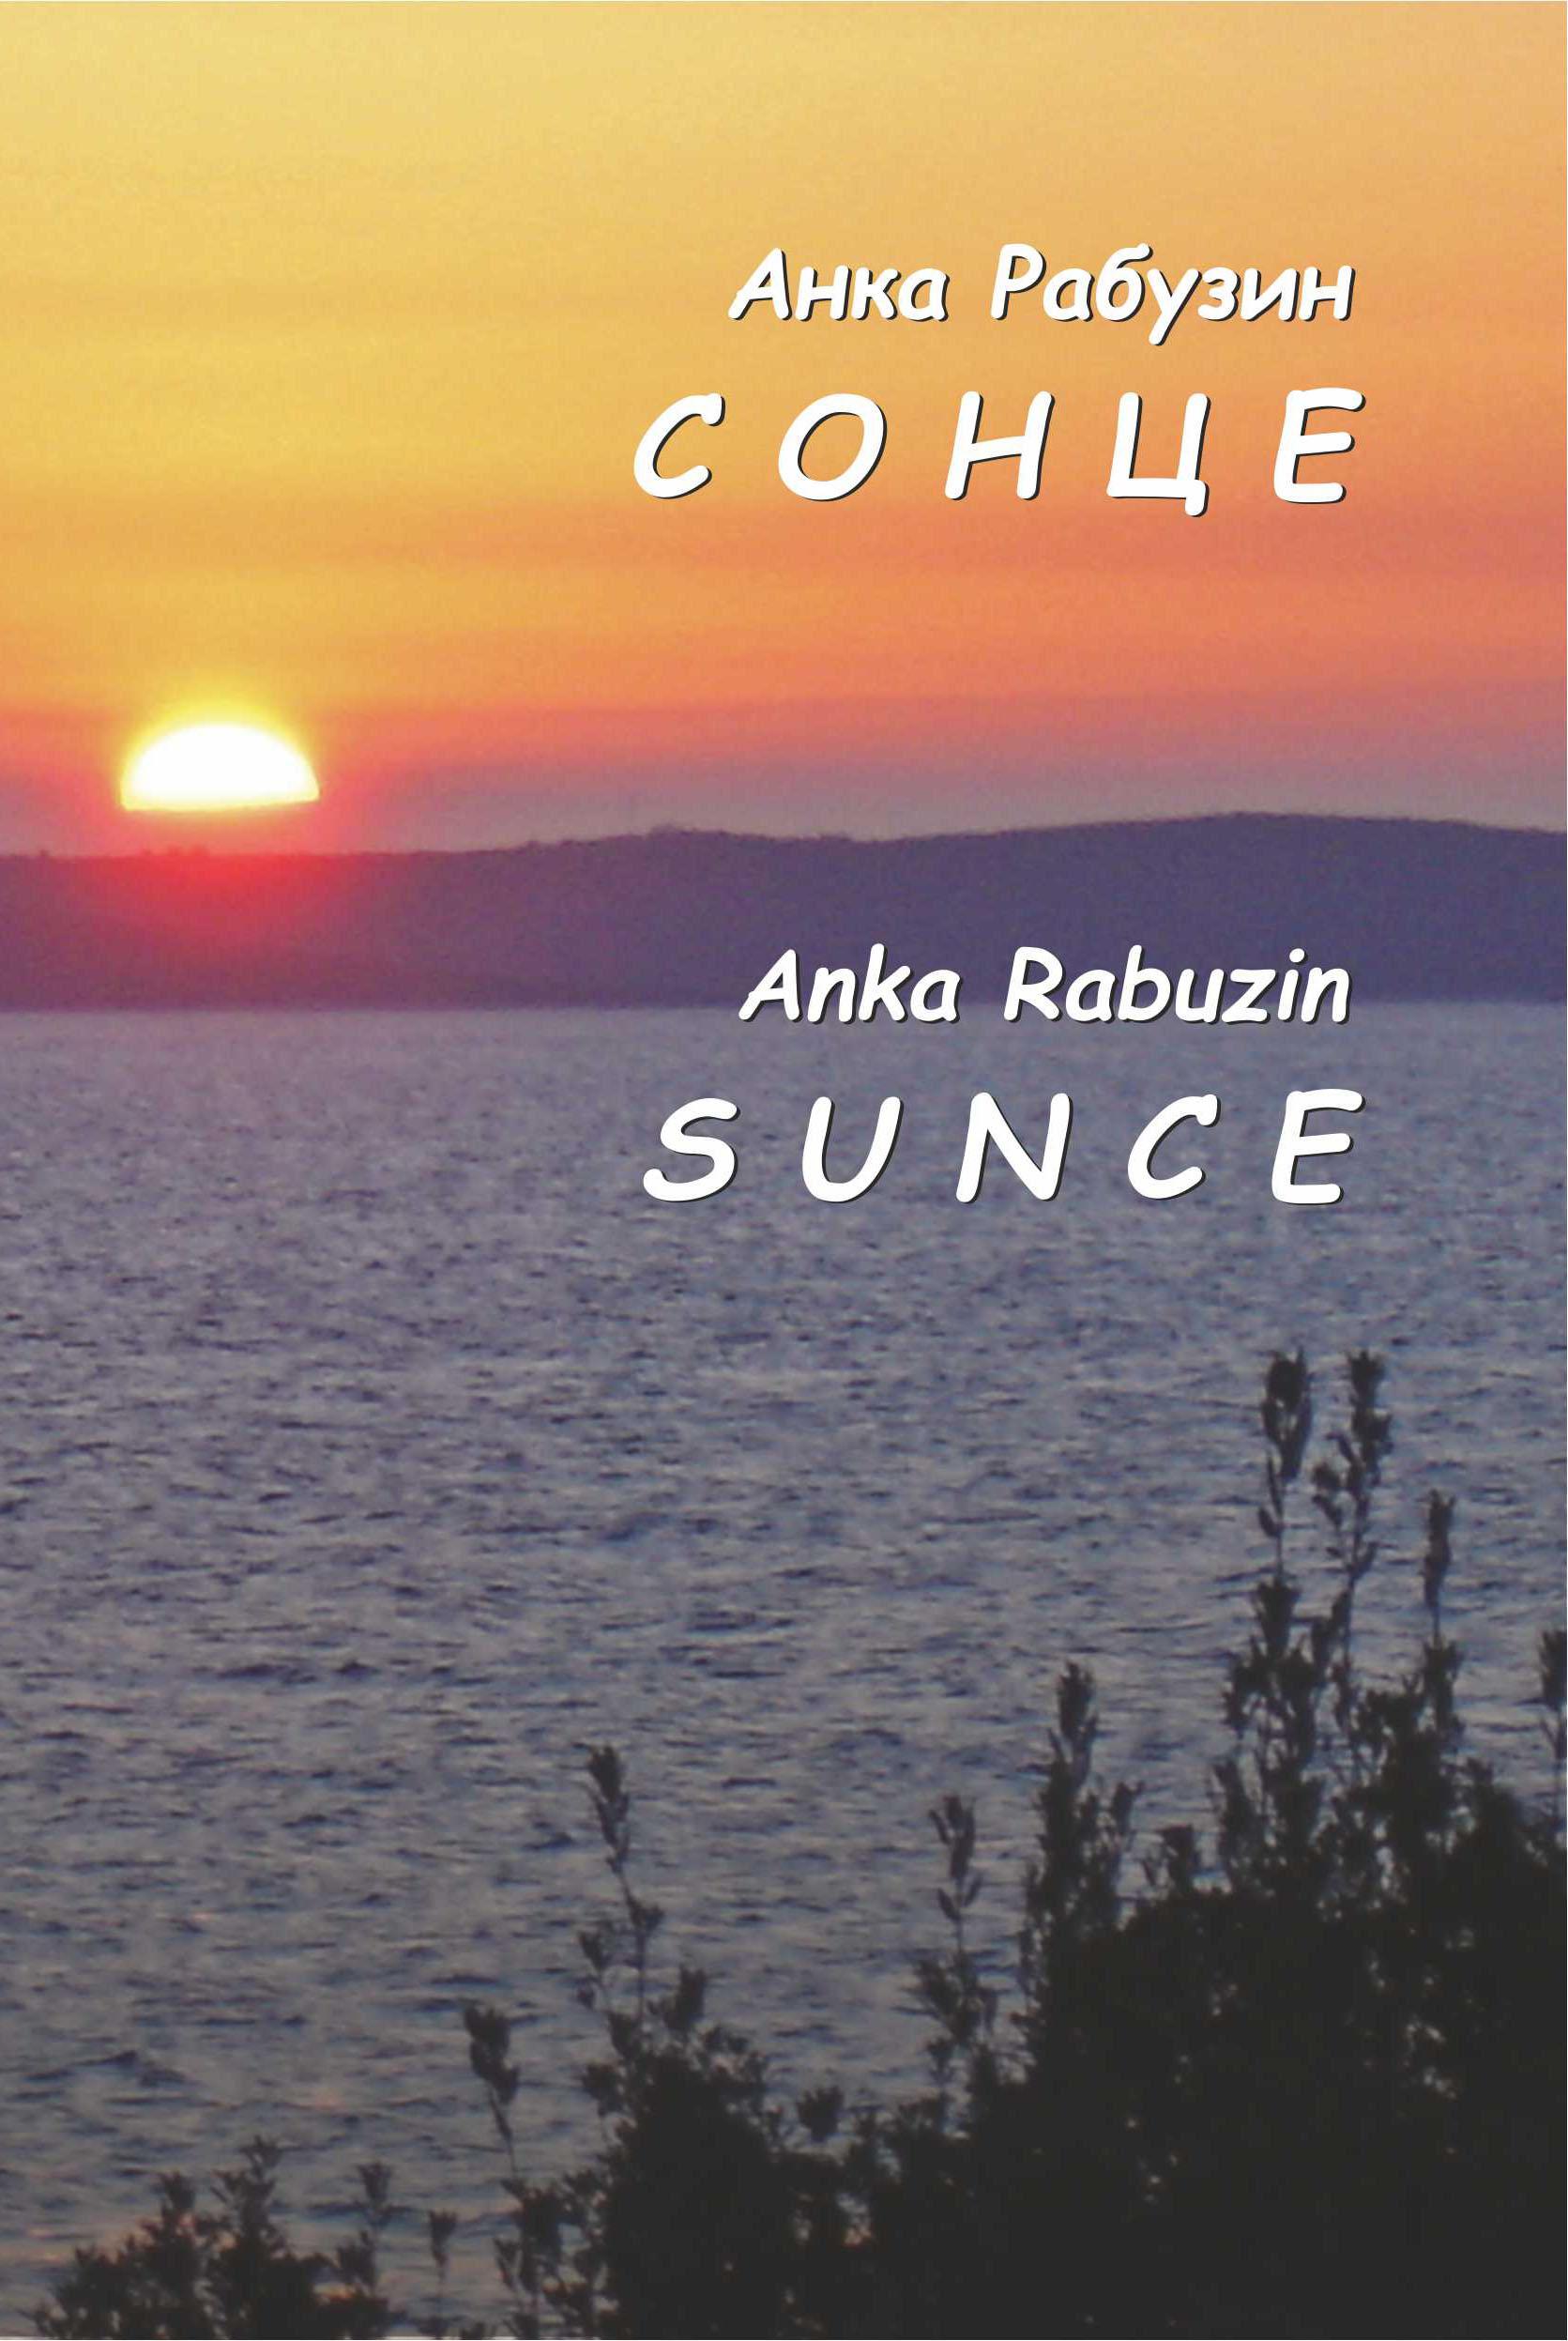 Sunce - Anka Rabuzin